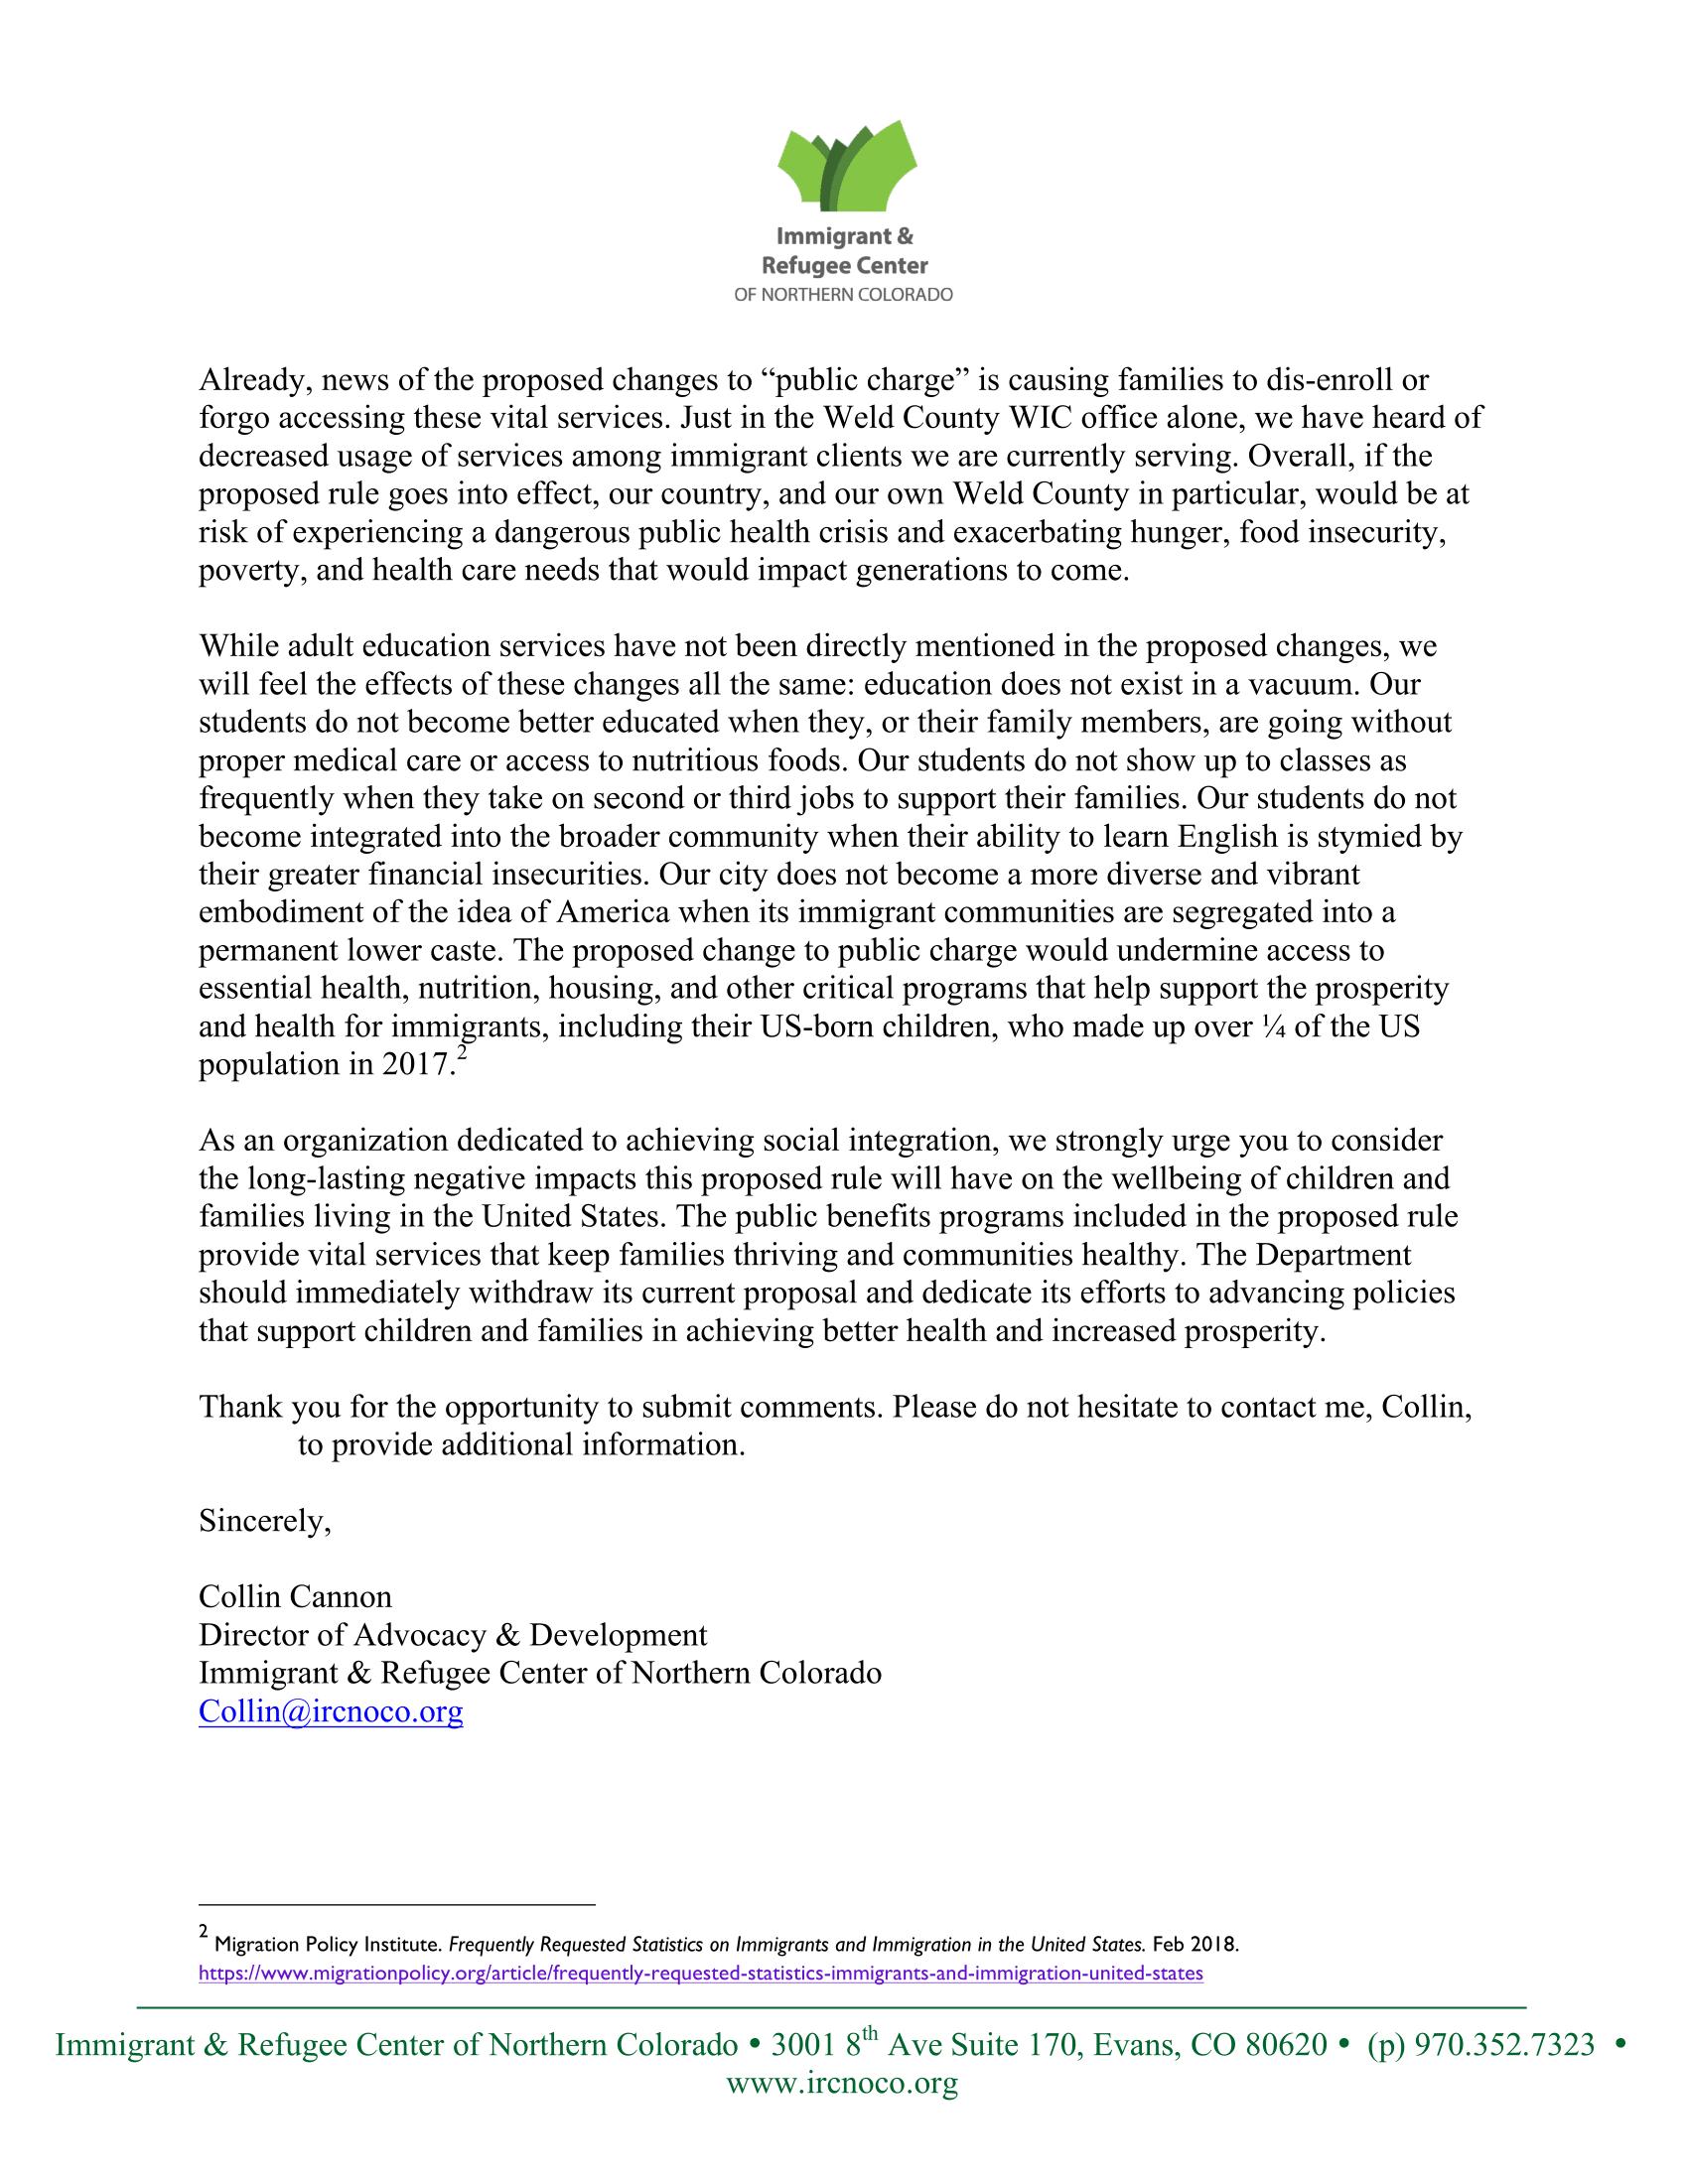 Public Charge Comment-2.png